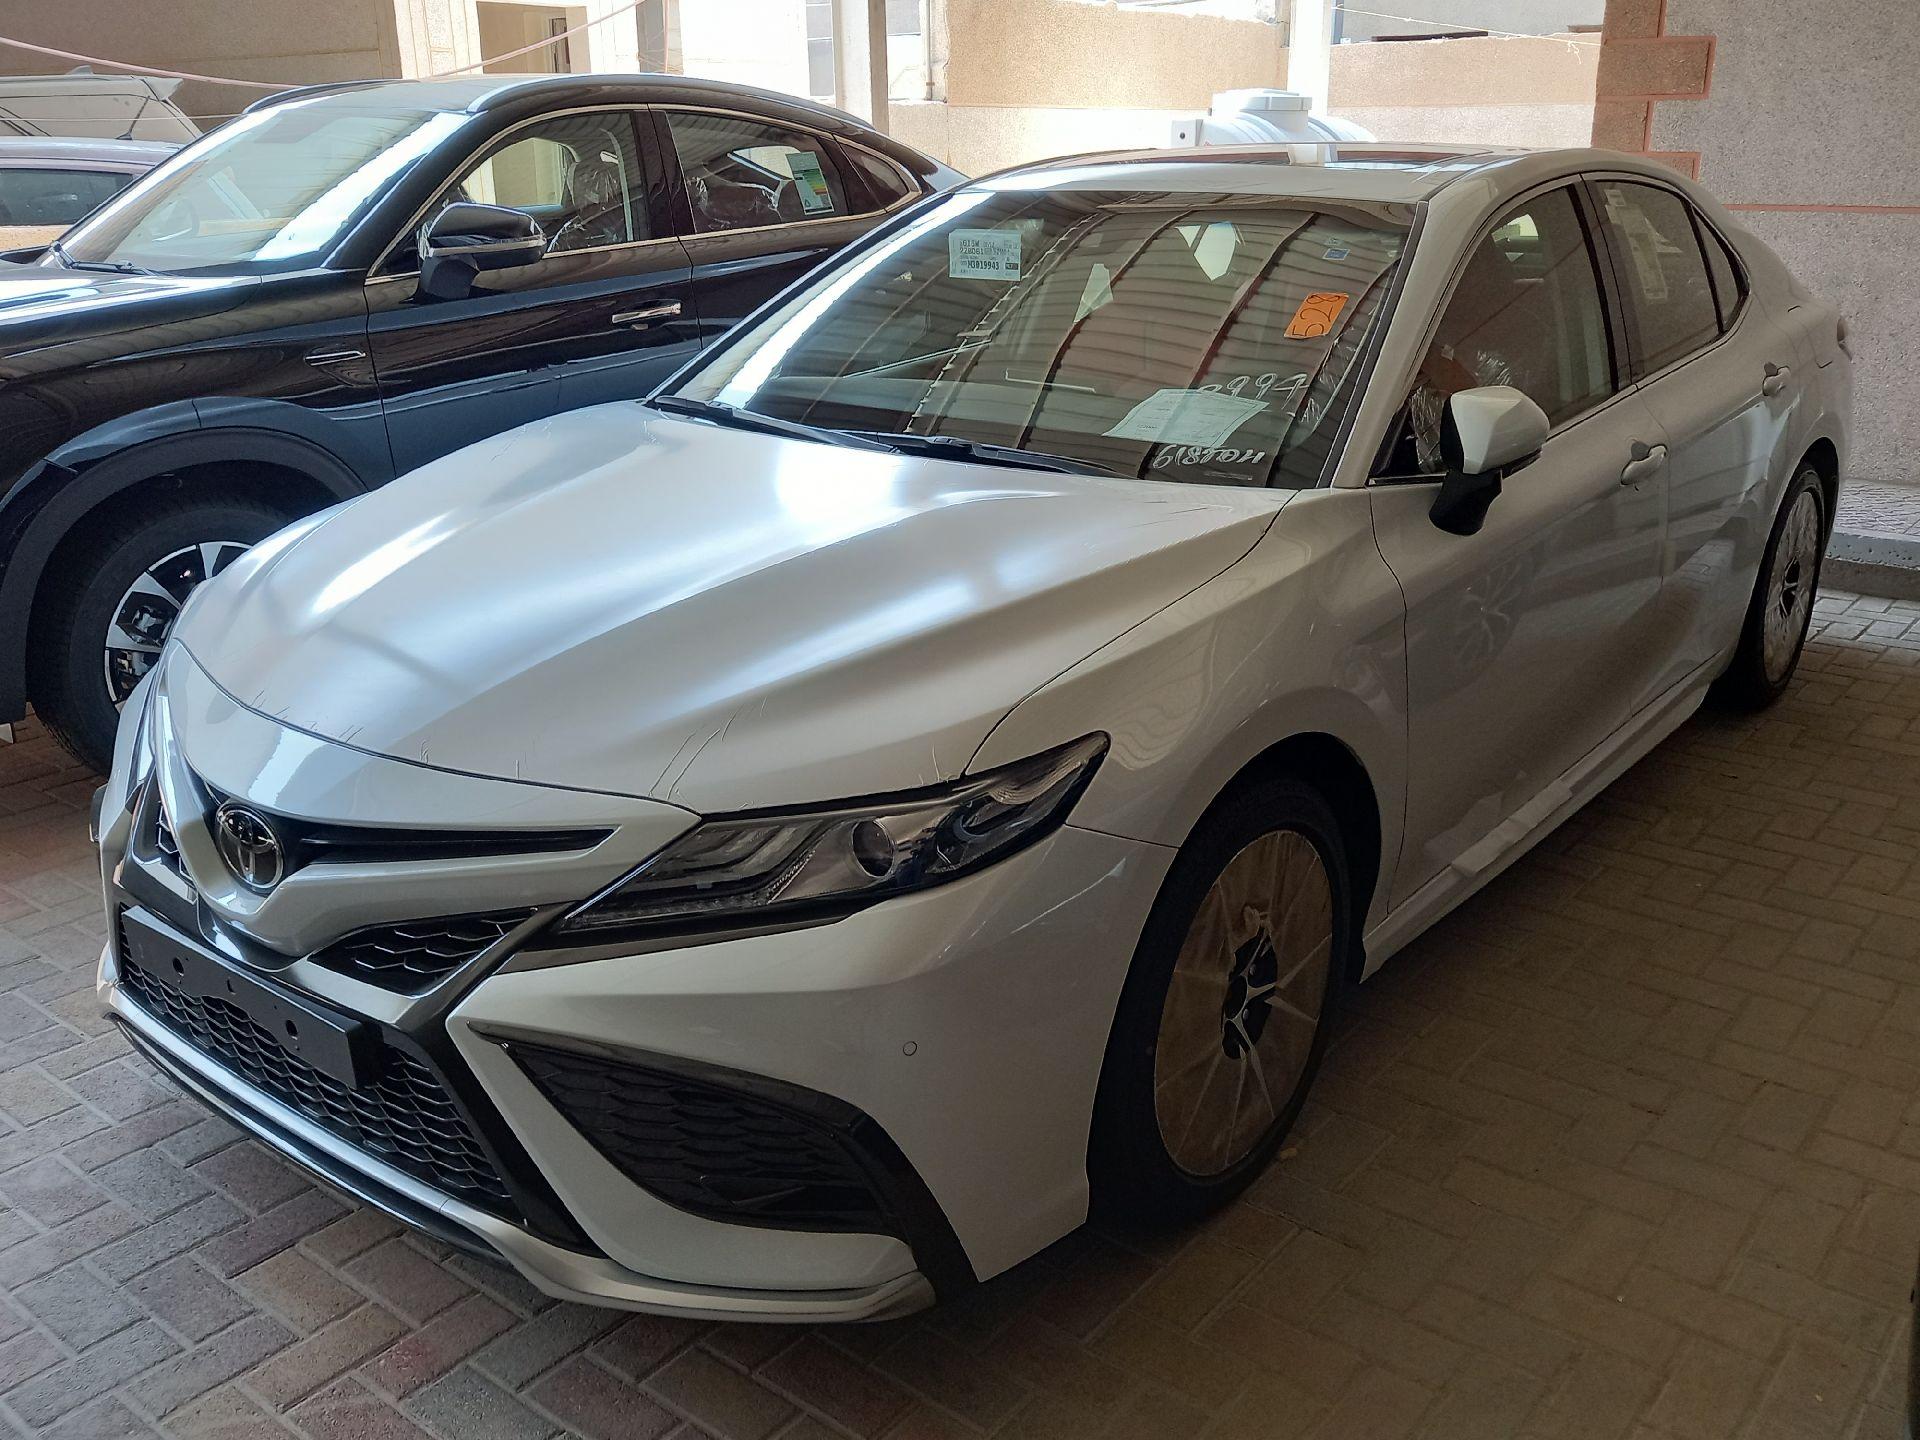 تويوتا كامري SE V6 فل 2021 سعودي جديد للبيع في الدمام - السعودية - صورة كبيرة - 5